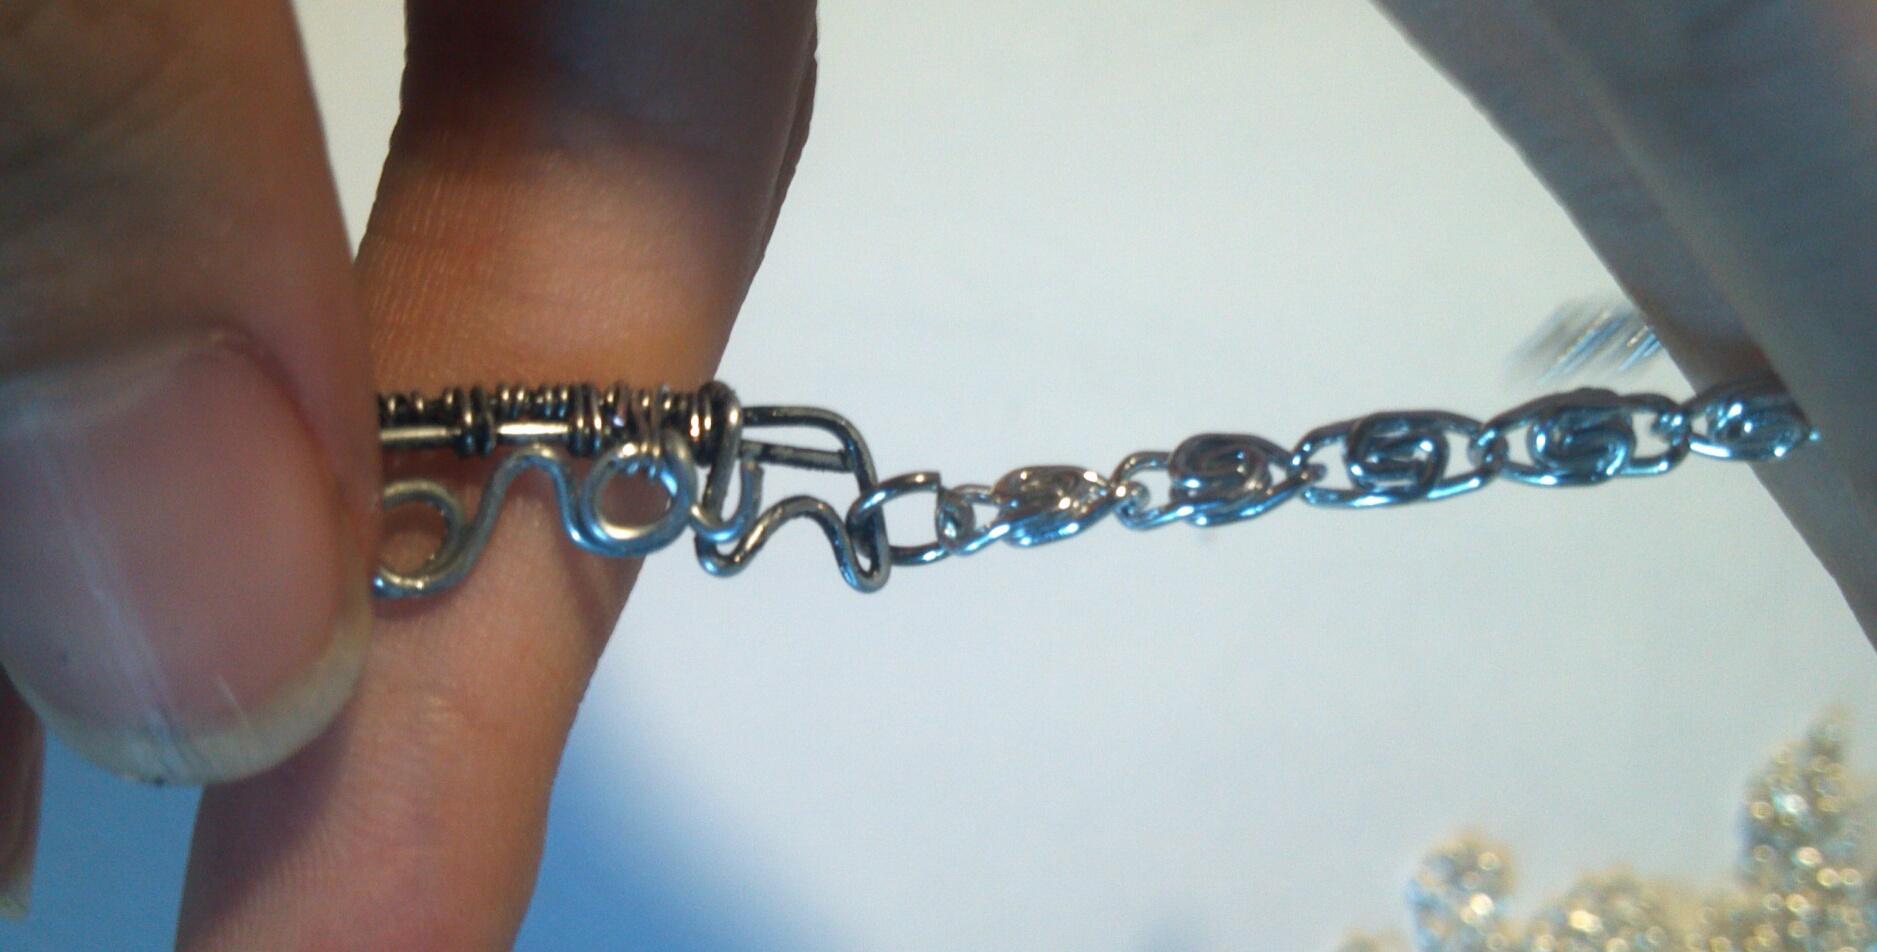 Picture of Bracelet Part